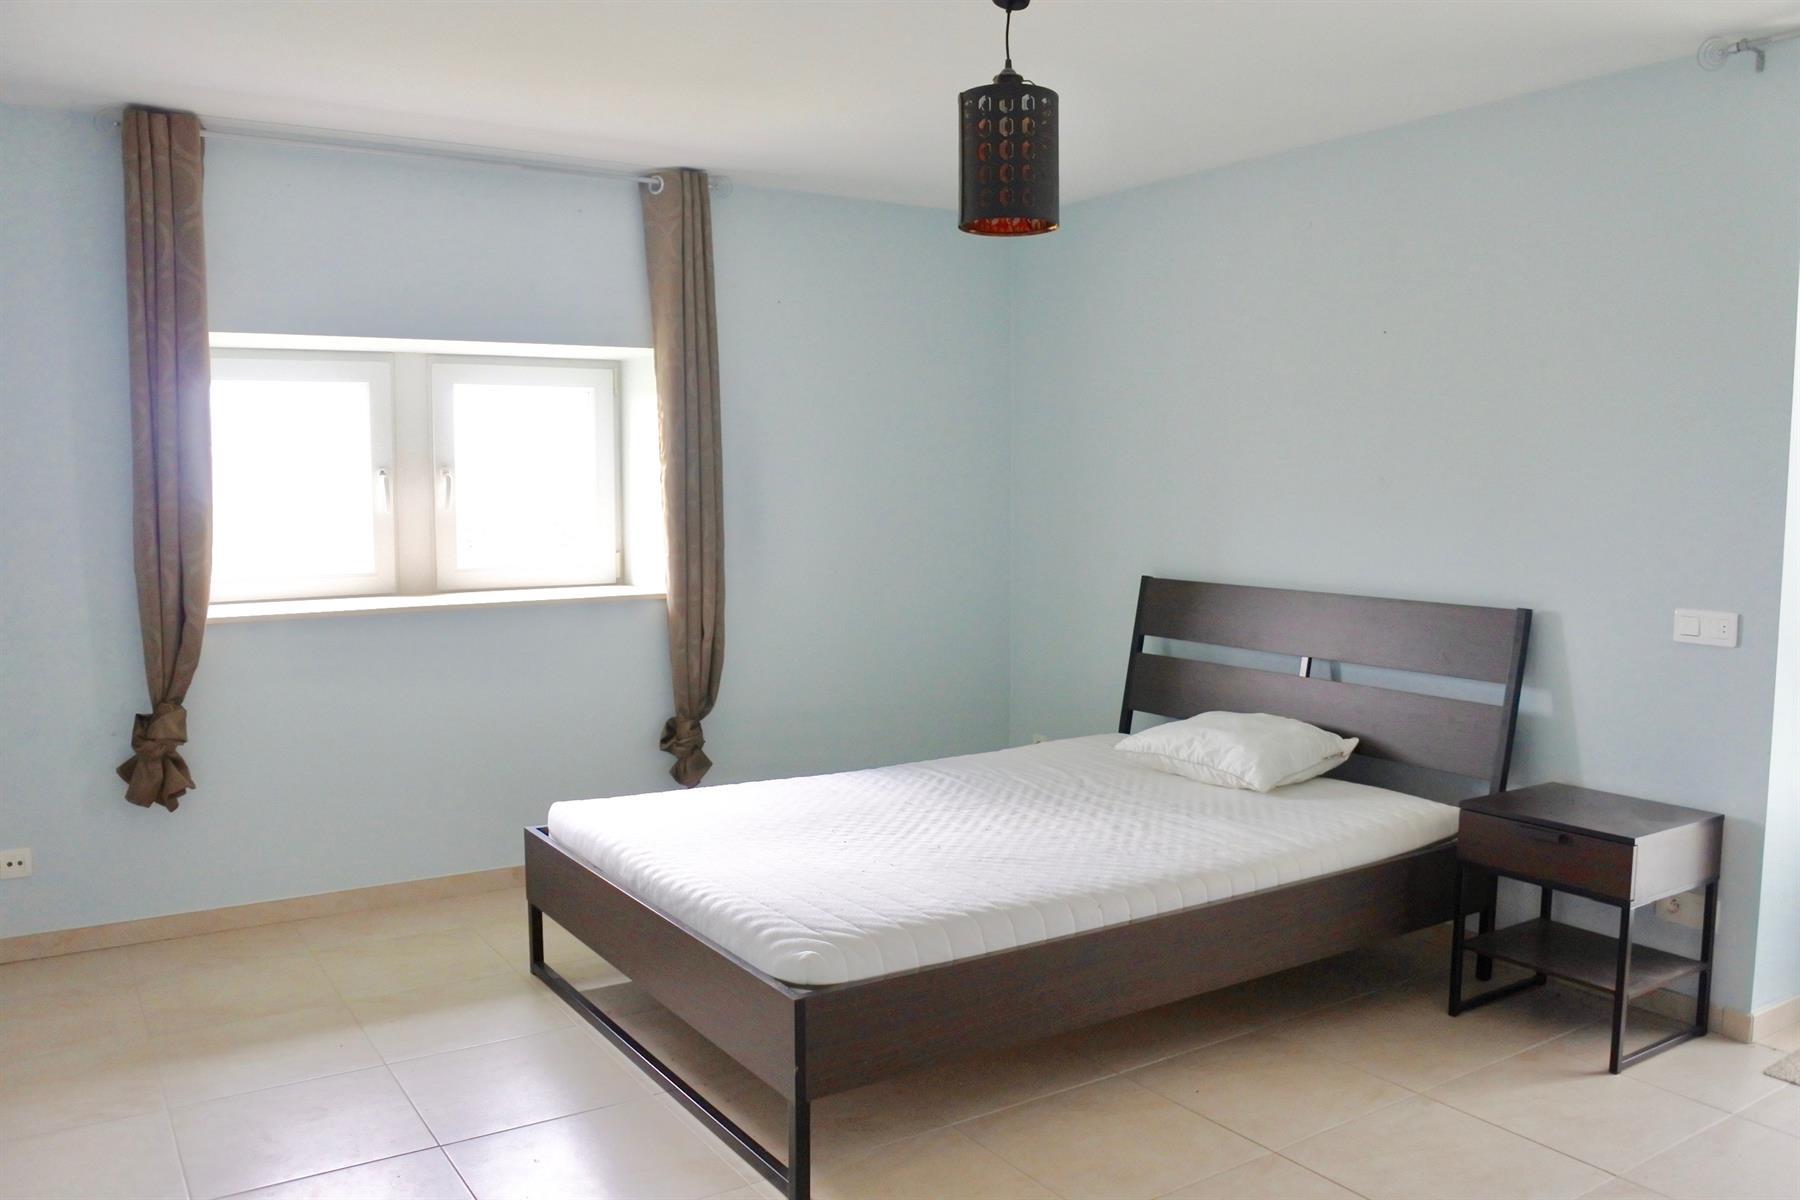 Appartement - Wellin Sohier - #3885257-8